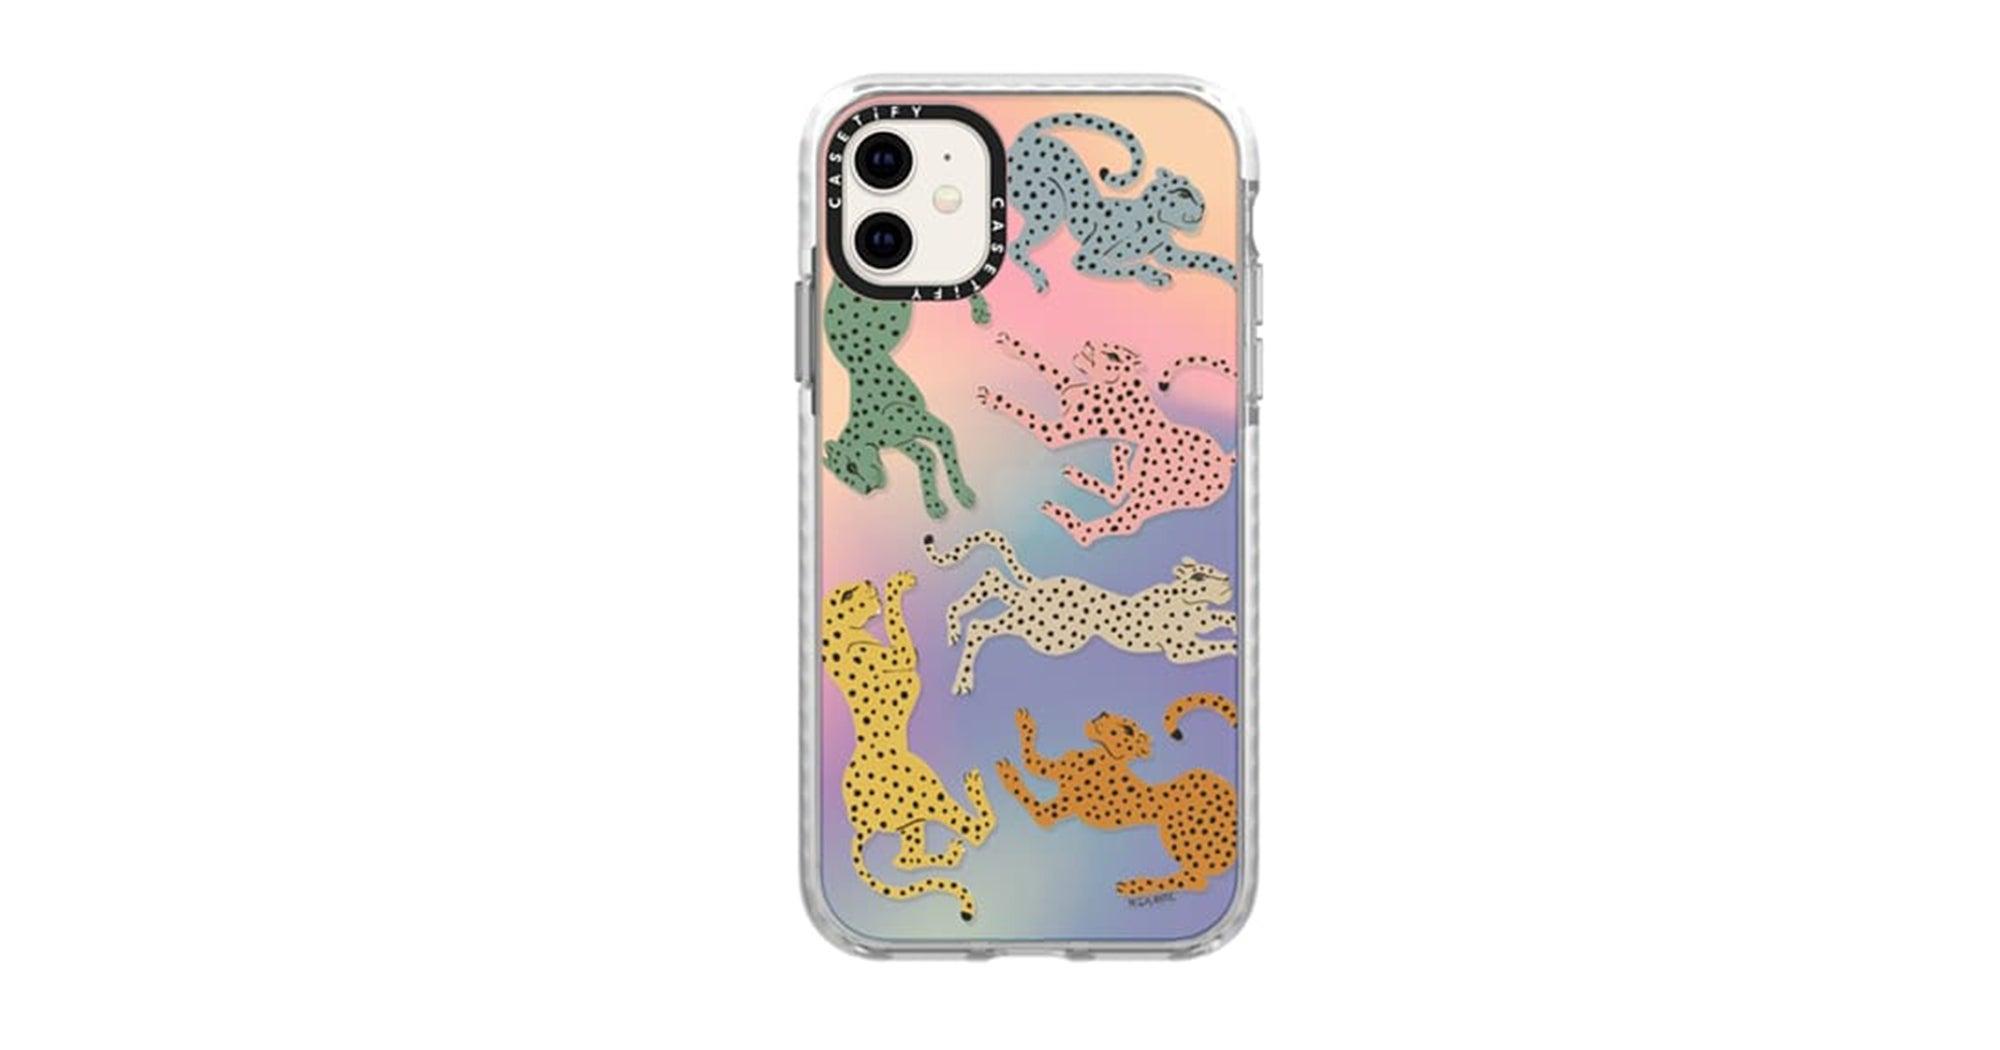 Mermaid Inked iphone 11 case